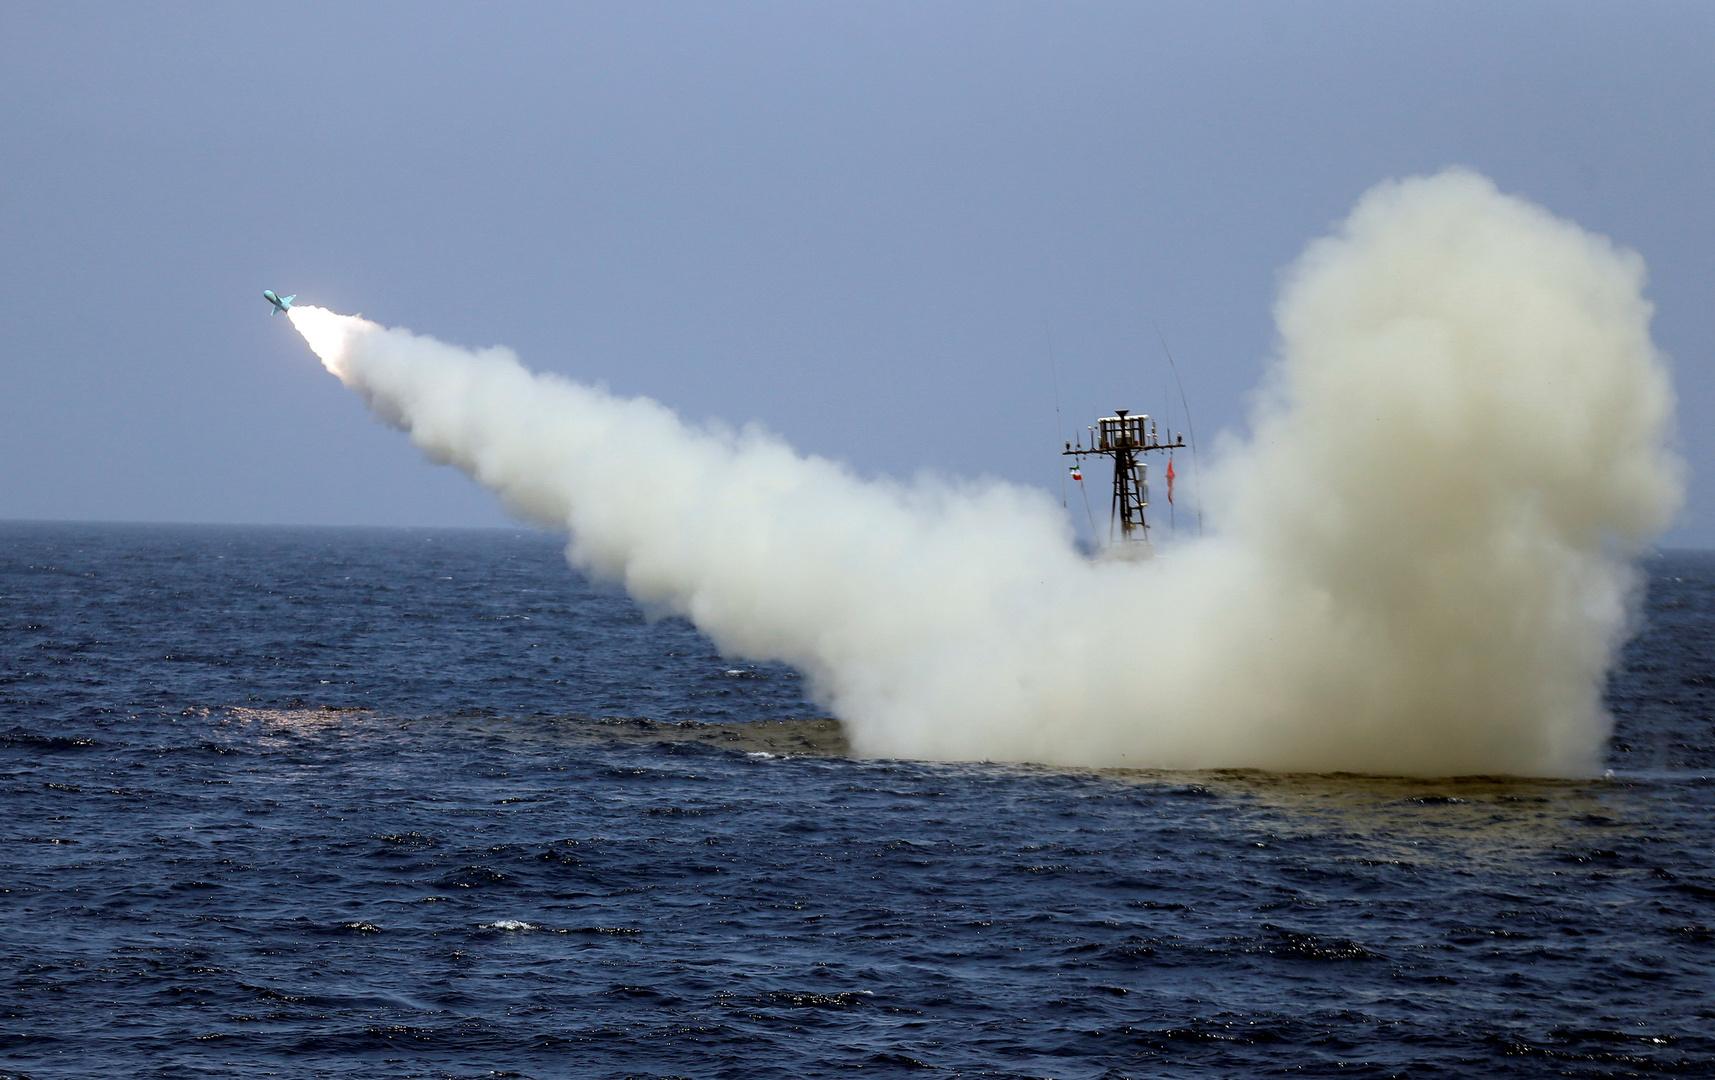 الصواريخ الإيرانية أجبرت أمريكا على الاستنفار